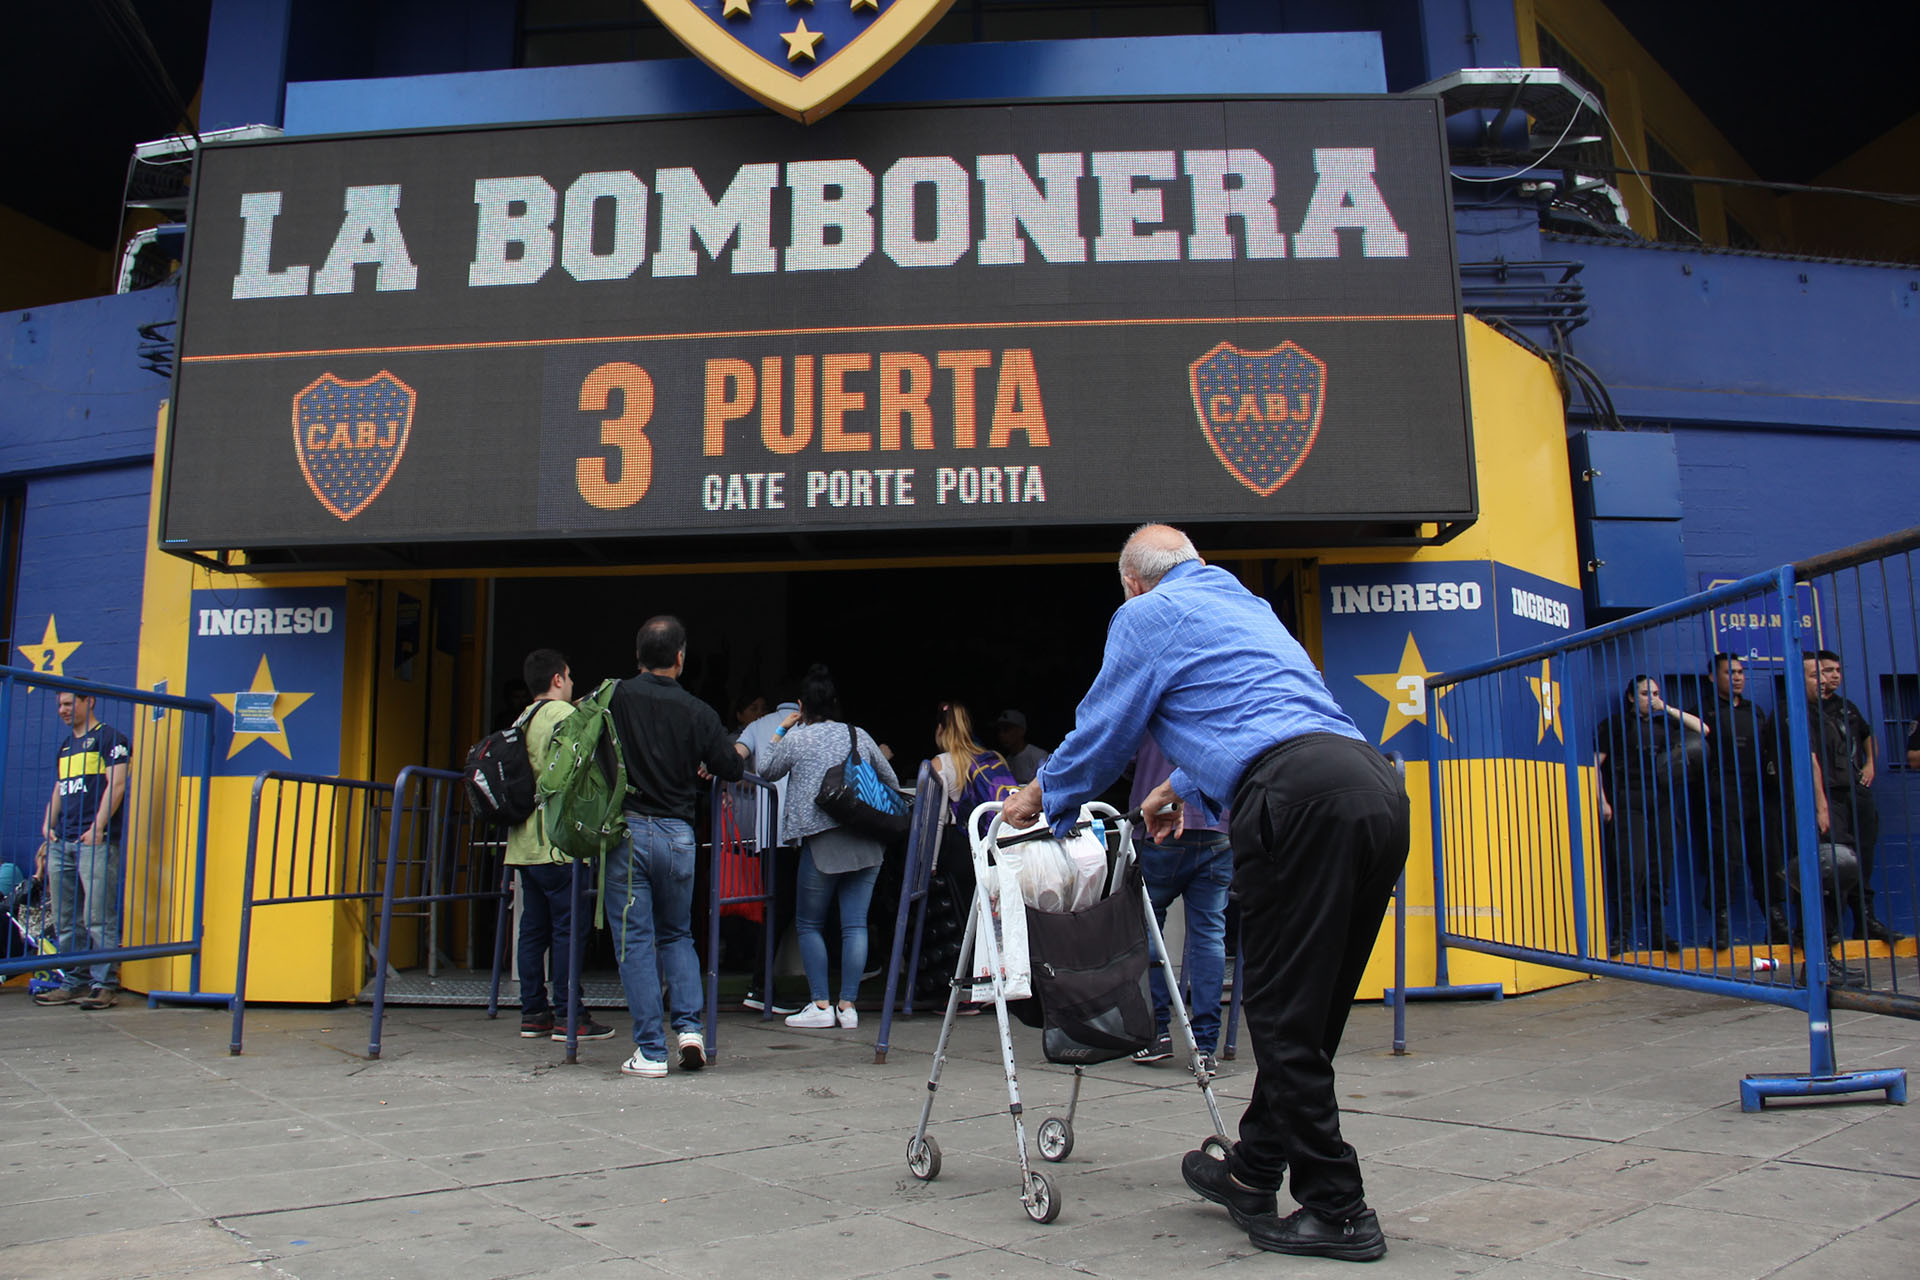 Chicos, medianos y grande, todos llegan a la Bombonera para ver la gran final de la Copa Libertadores (Matias Baglietto)